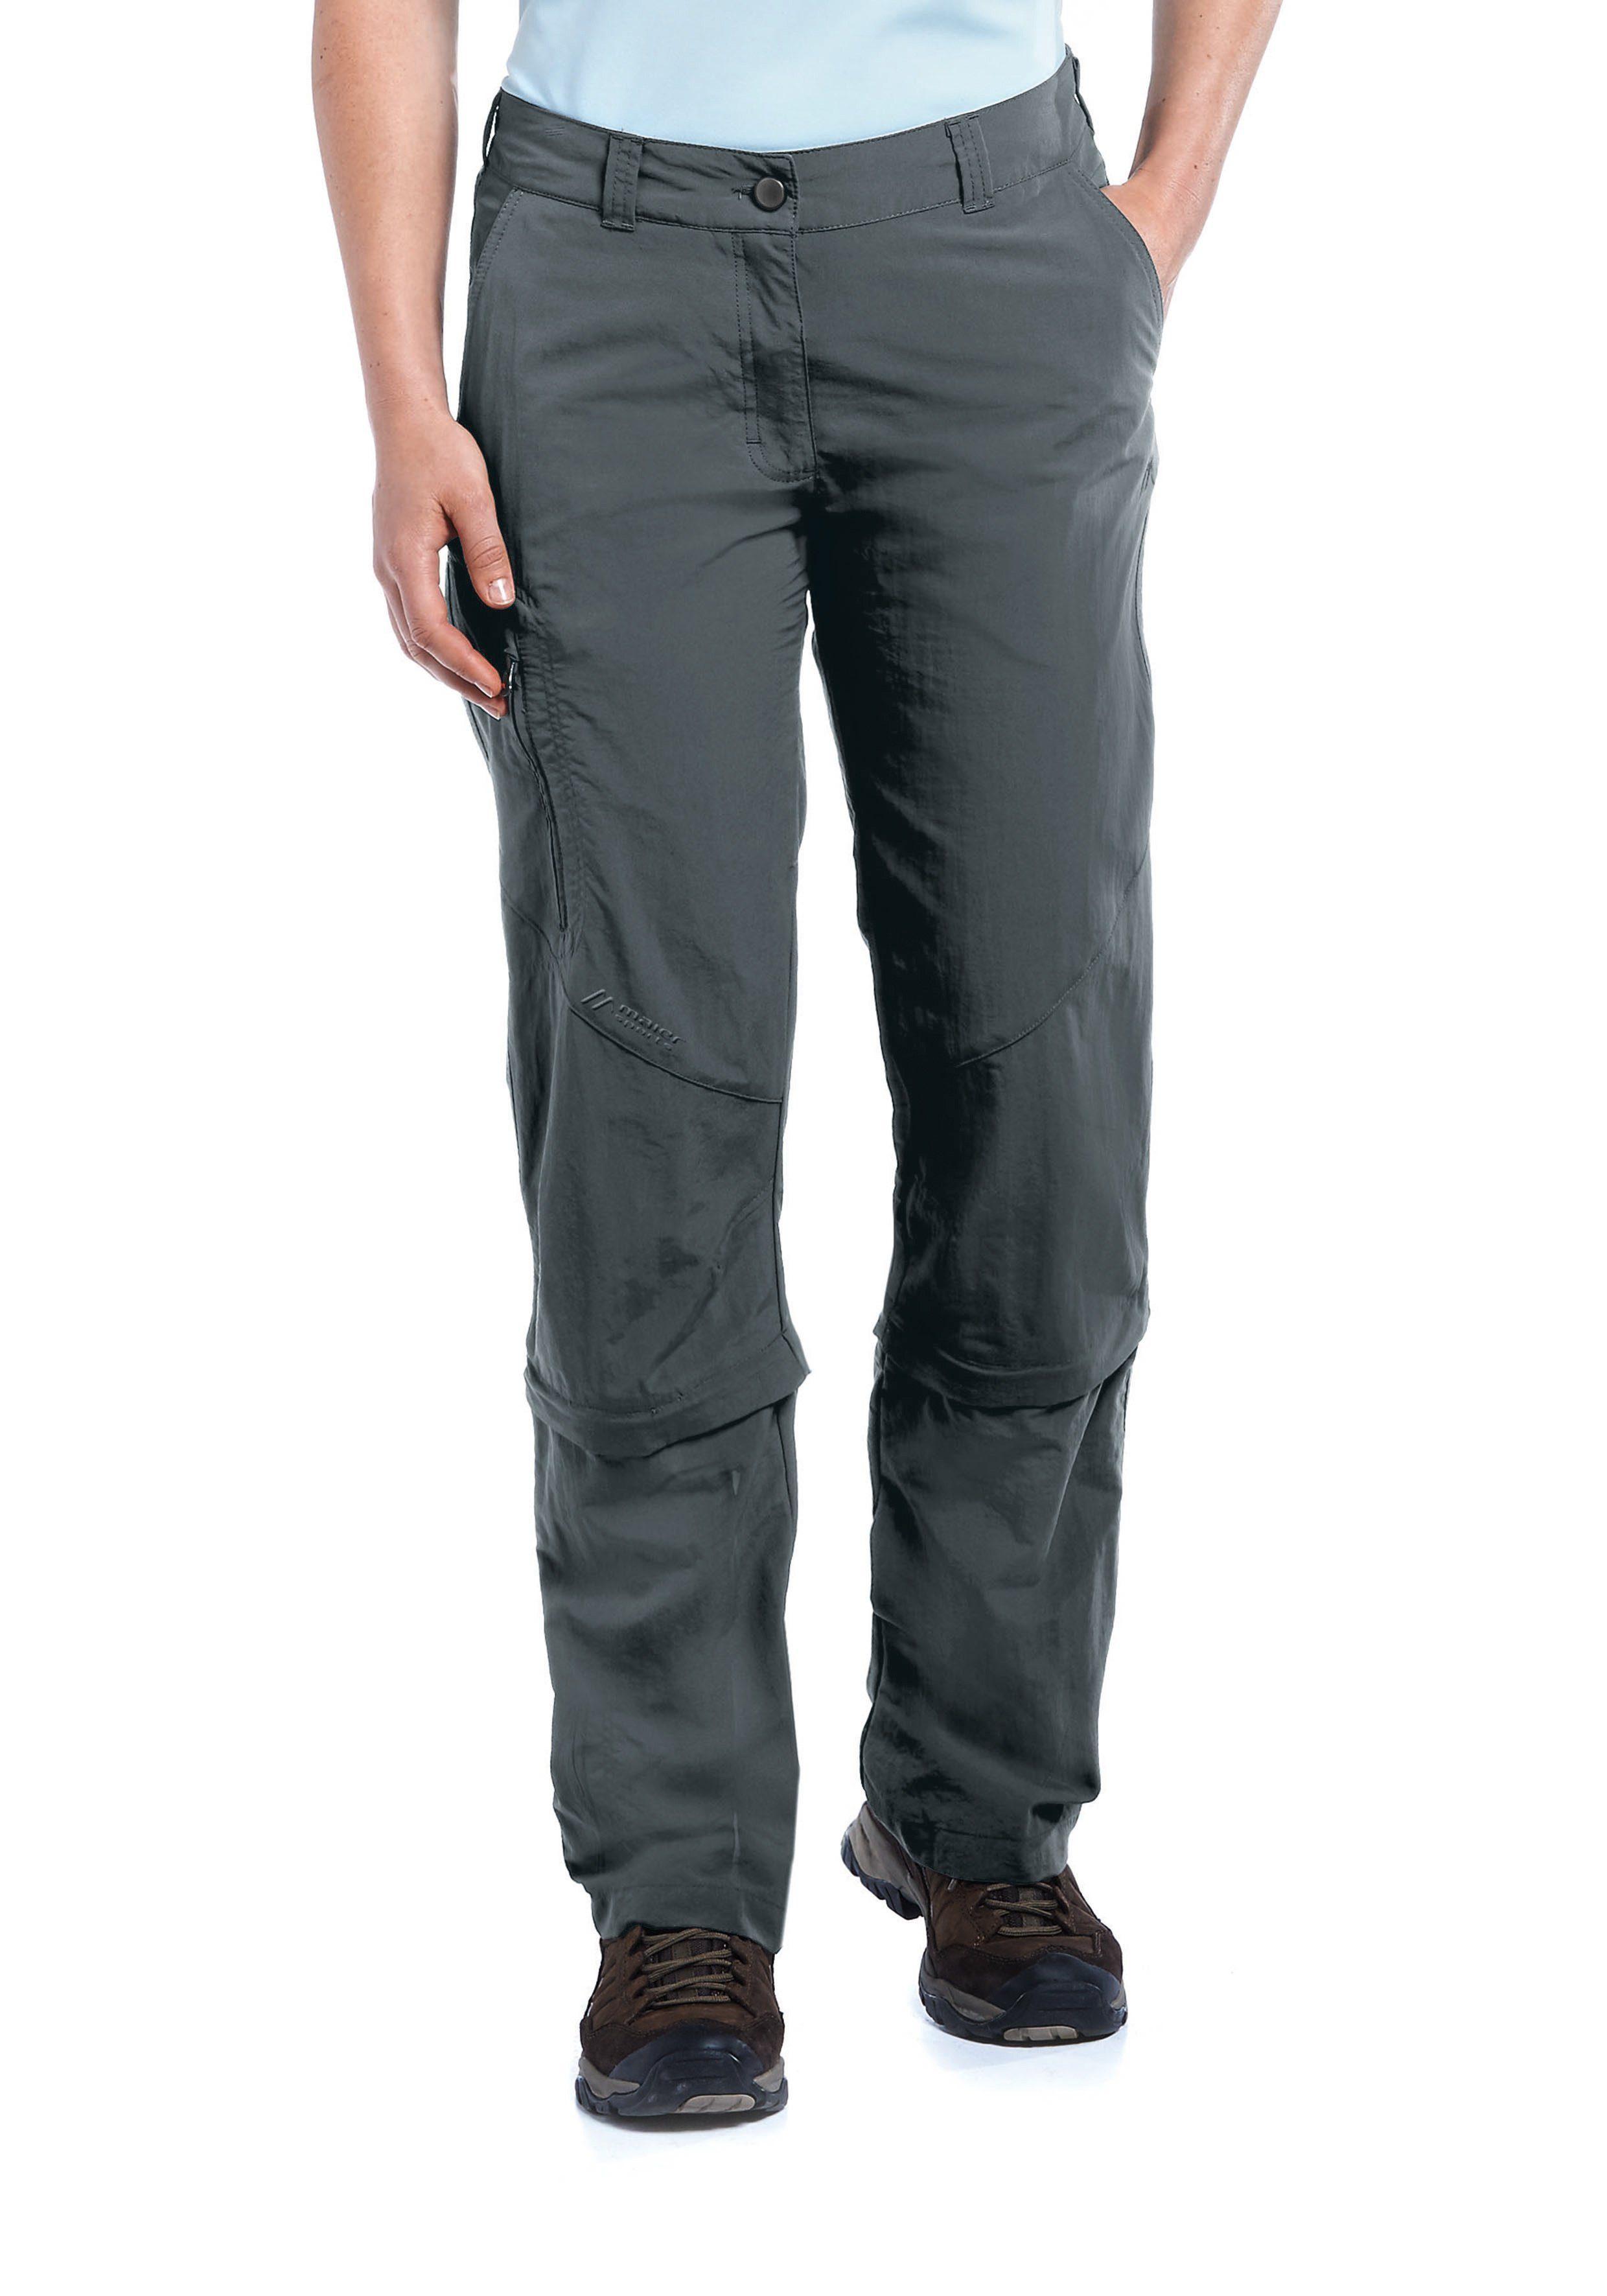 Kompetent Hohe Taille Shorts Damen Jeans Super Mini Shorts Heiße Hosen Europäischen Und Amerikanischen Stil Zipper Spitze Hohe Sexy Hosen Weich Und Leicht Gepäck & Taschen